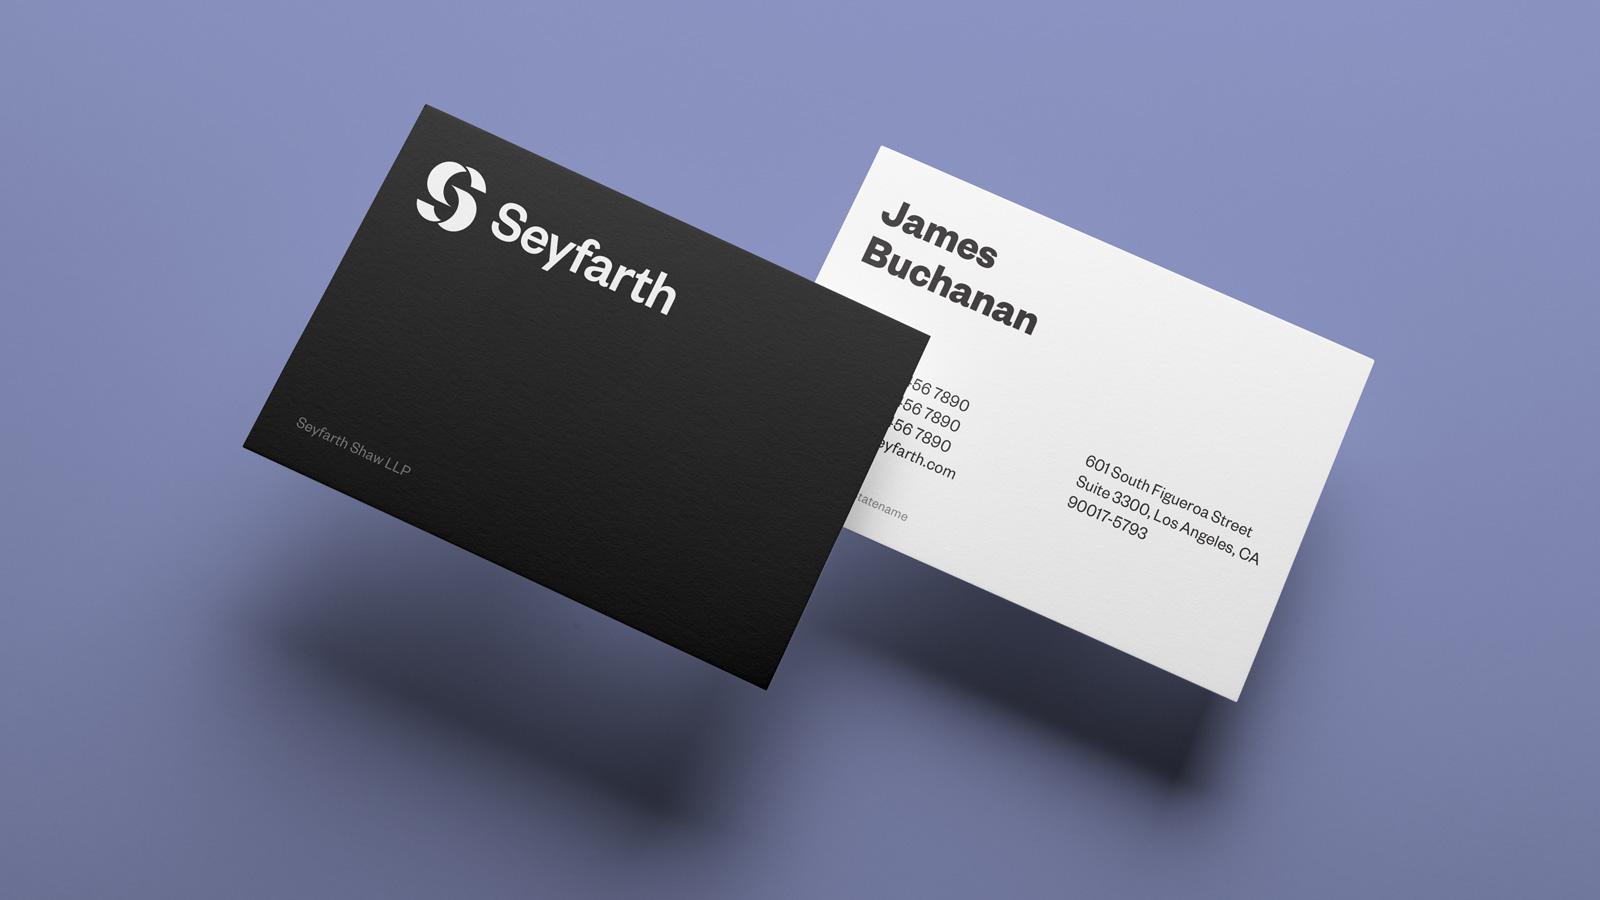 seyfarth_business_cards